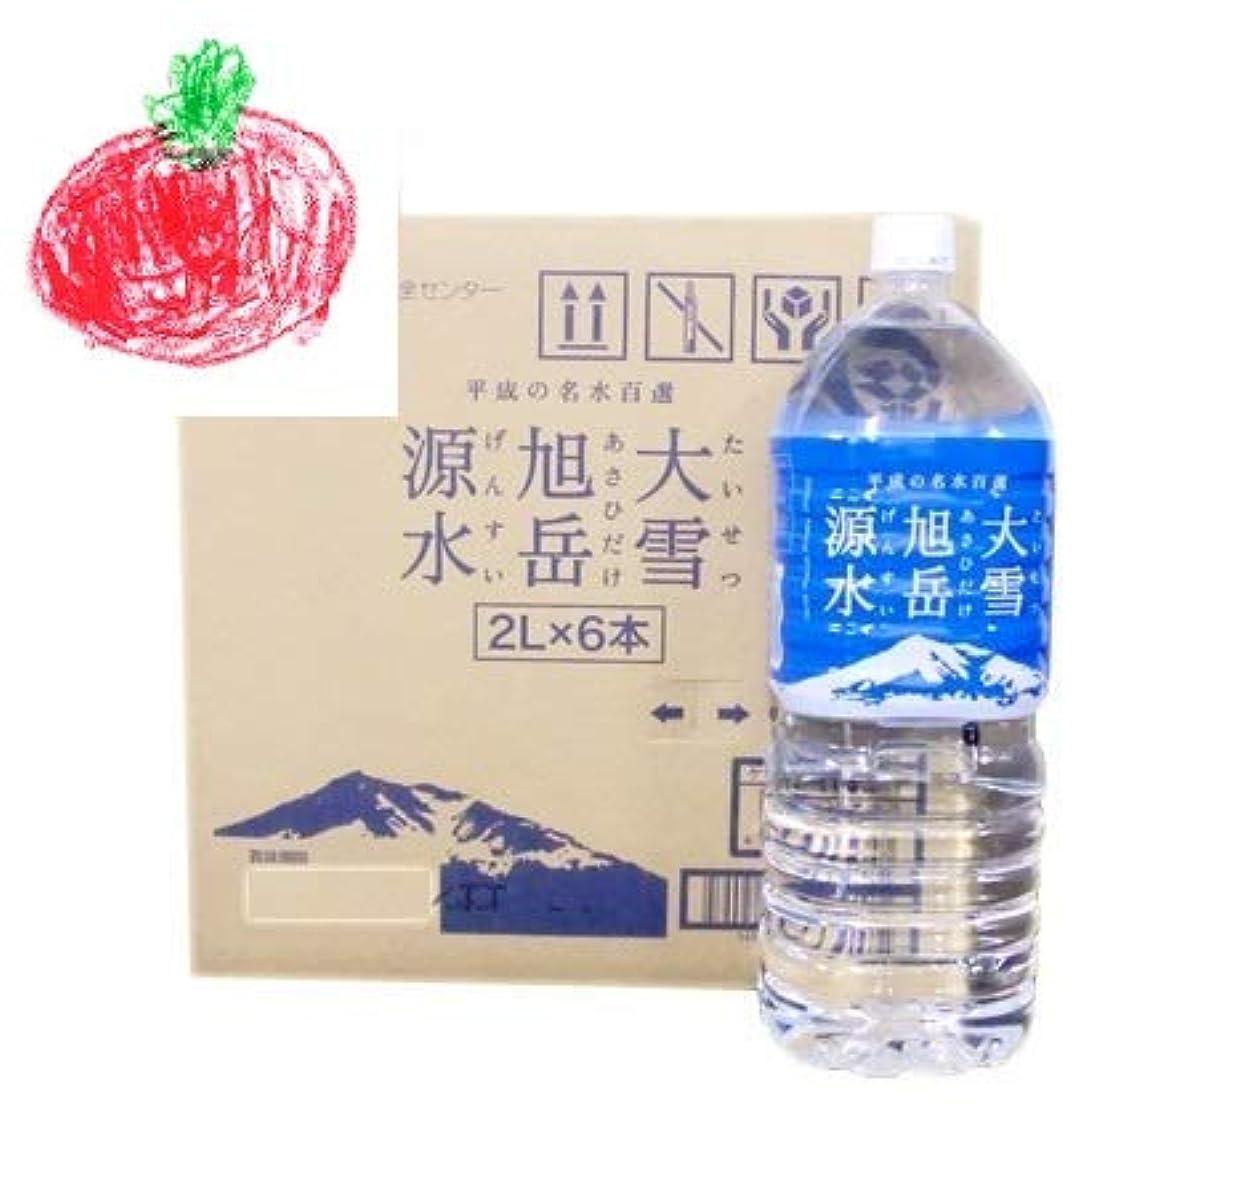 と遊ぶアカデミー逮捕「北海道 水 2リットル」「北海道の水」大雪旭岳源水 2リットル×6本入×2箱